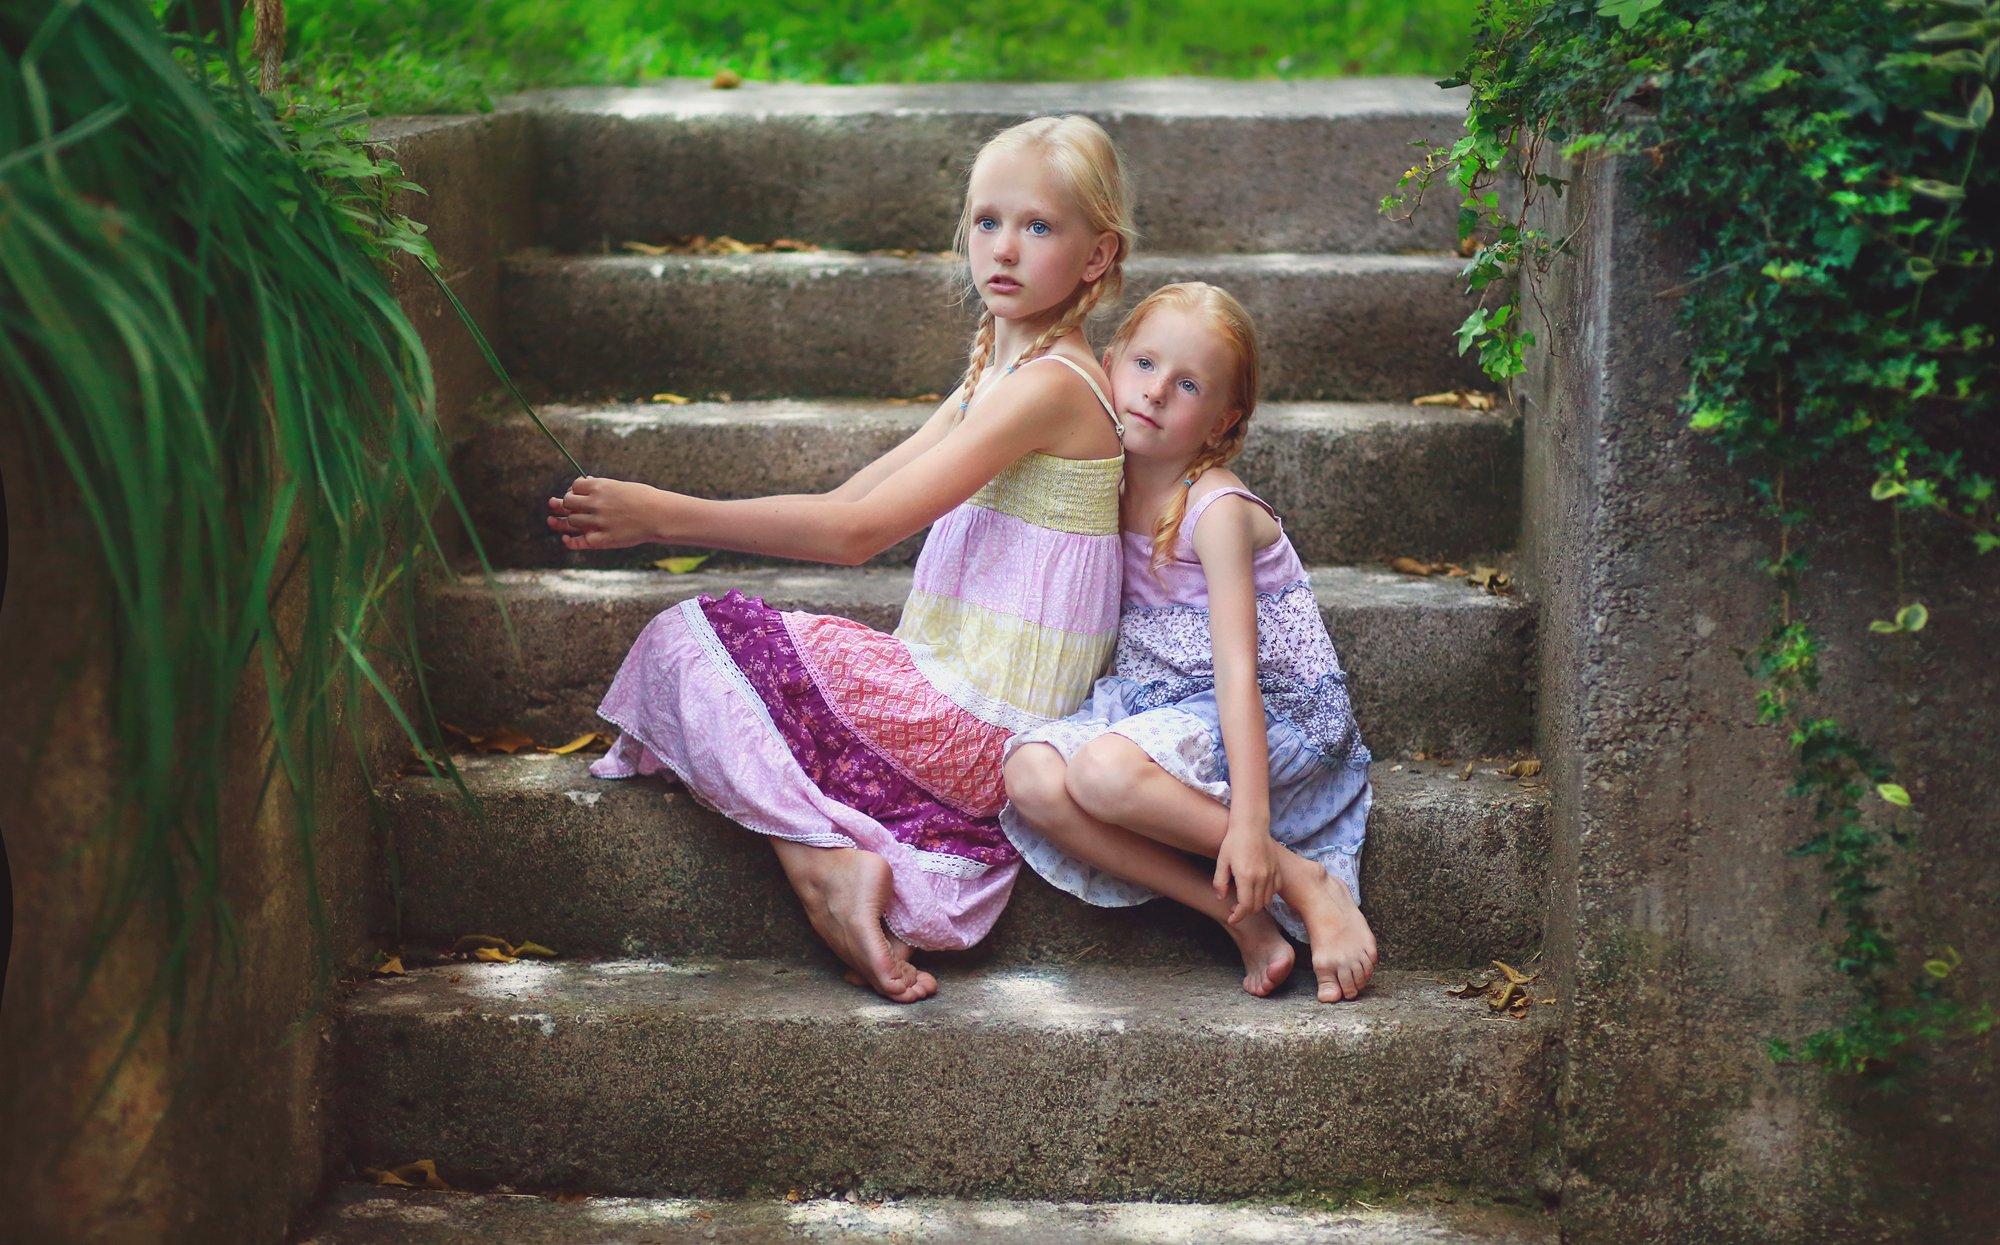 Портрет, девочка, сестра, сестры, жанр, взгляд, красота, каникулы, дети, детство, свет, солнечный, день, Постонен Екатерина